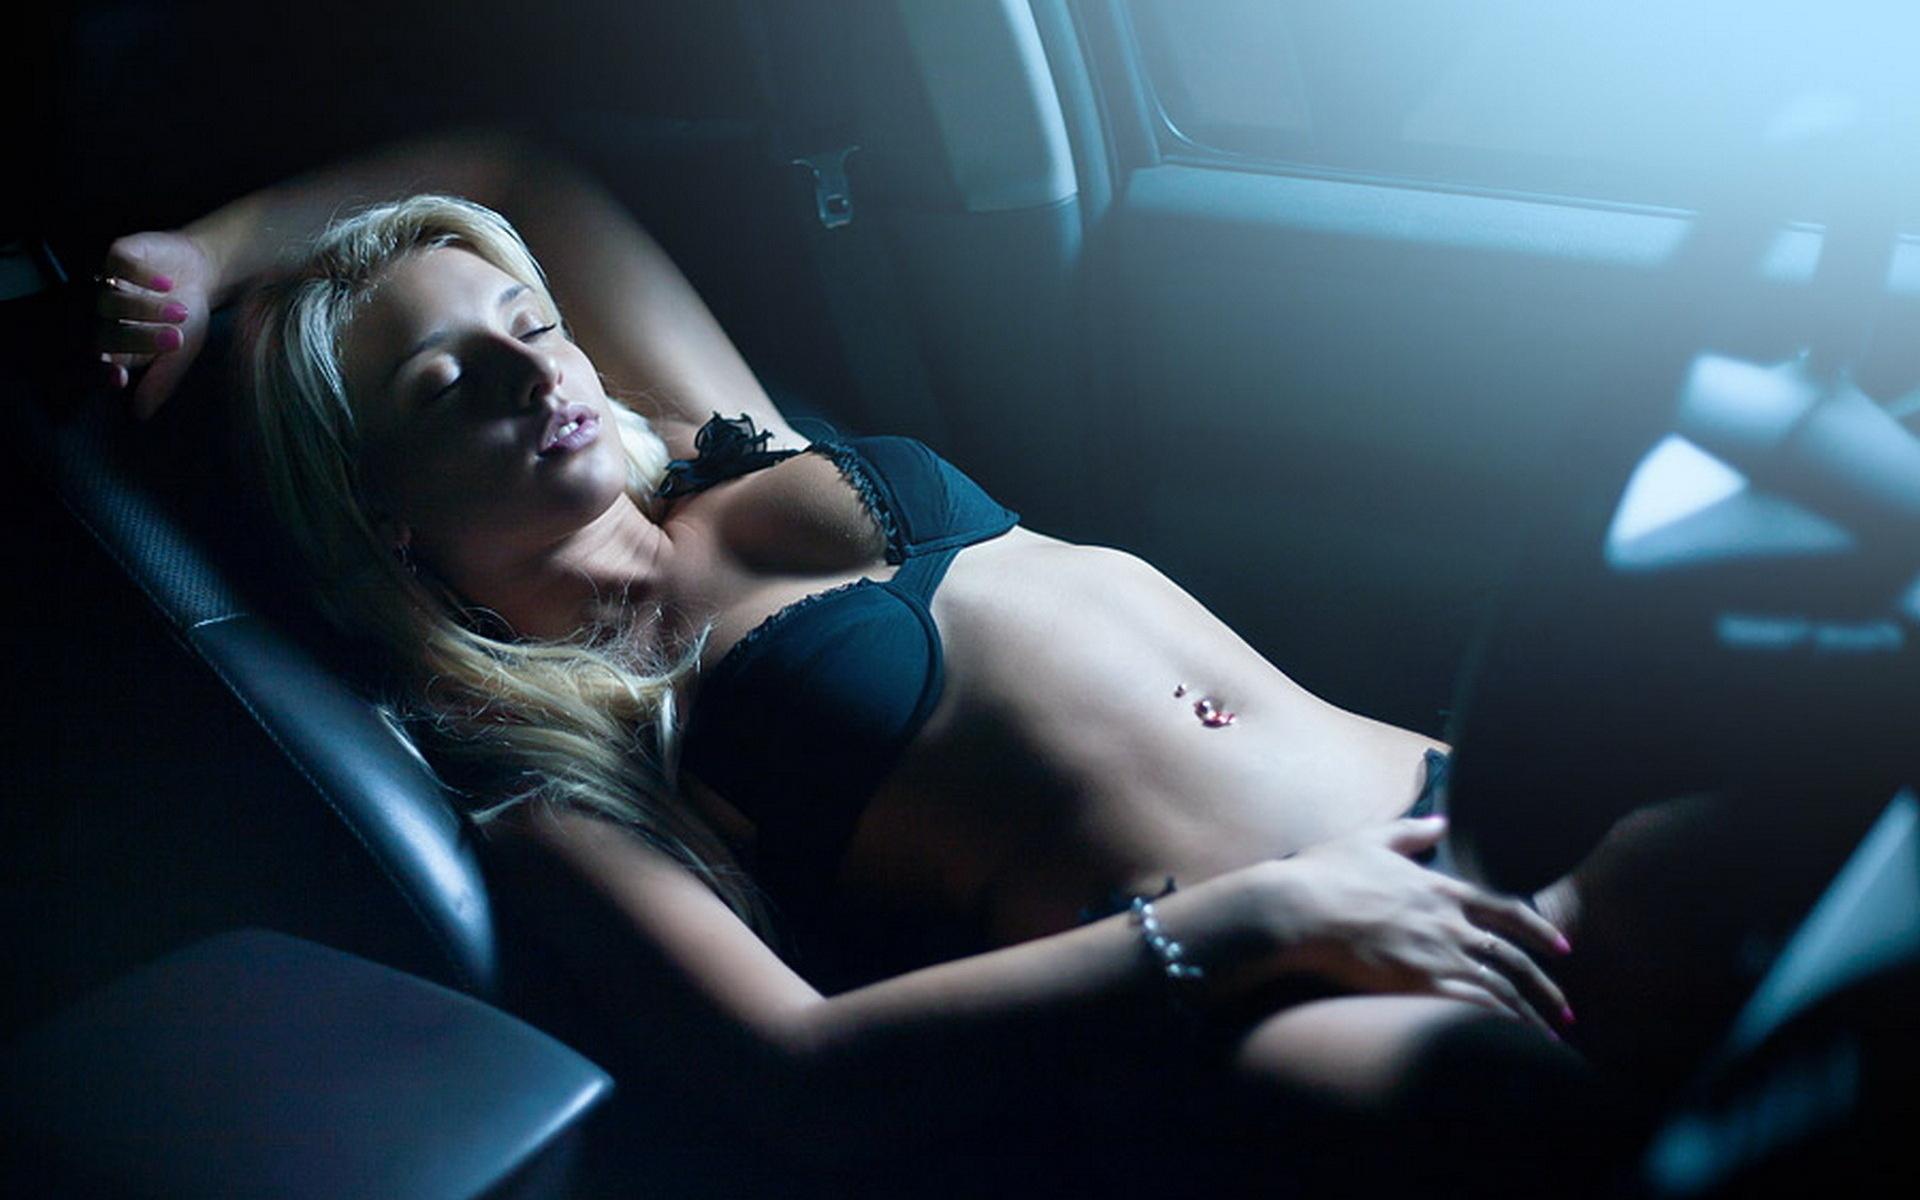 Девушка из окна автомобиля  № 3635861  скачать